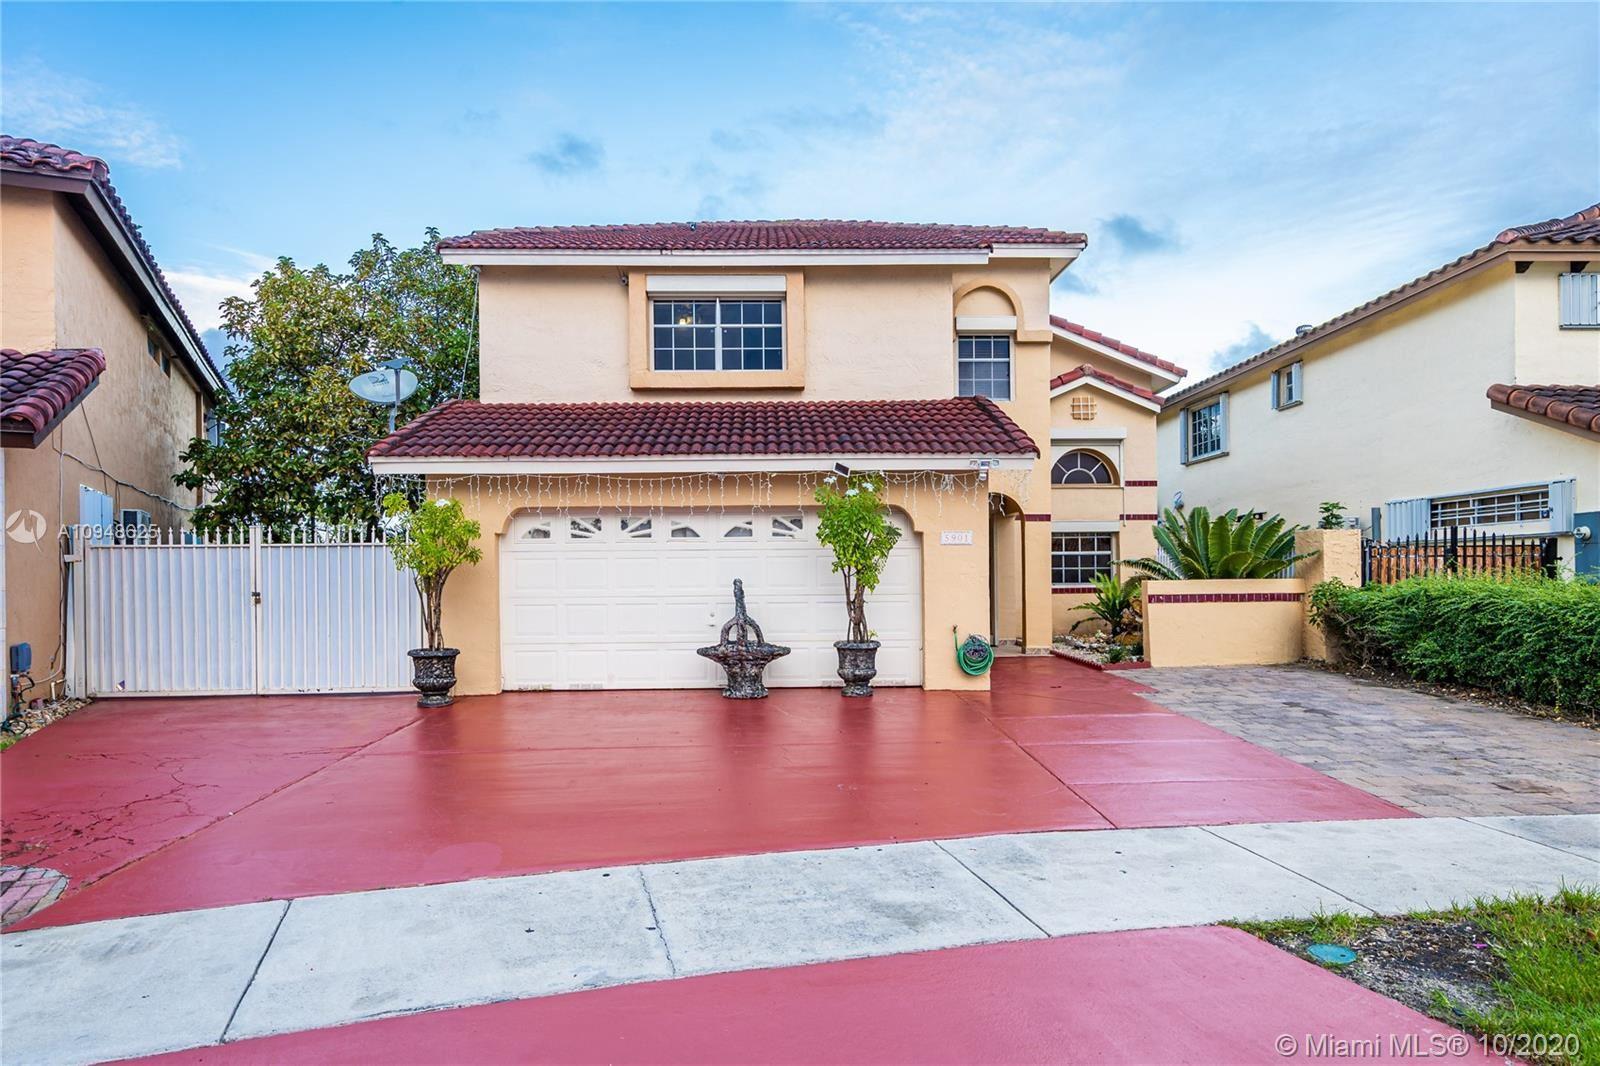 5901 SW 153rd Ct Rd, Miami, FL 33193 - #: A10948625